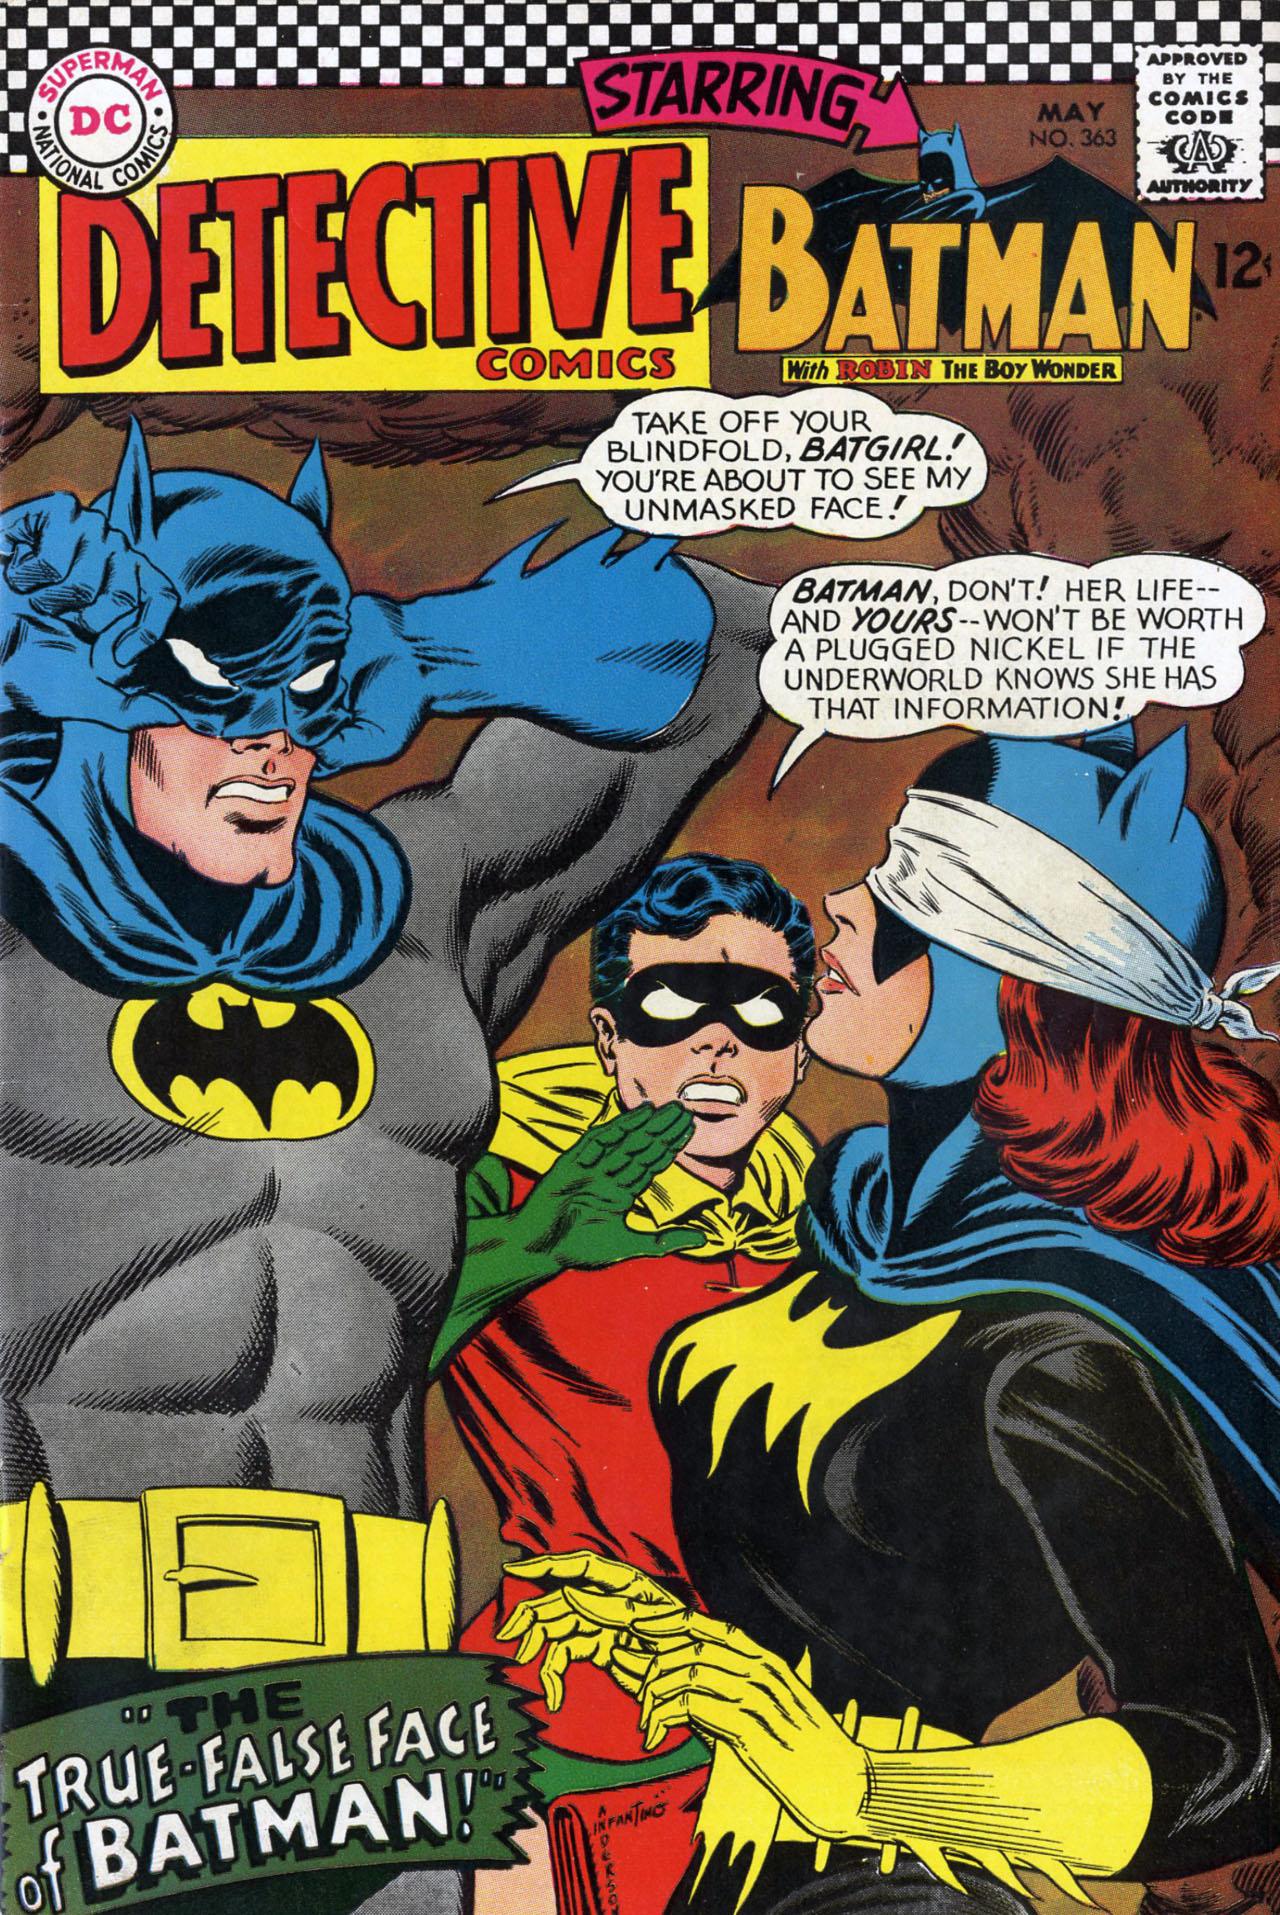 Favorite comic book version of Batgirl? Detective_Comics_363